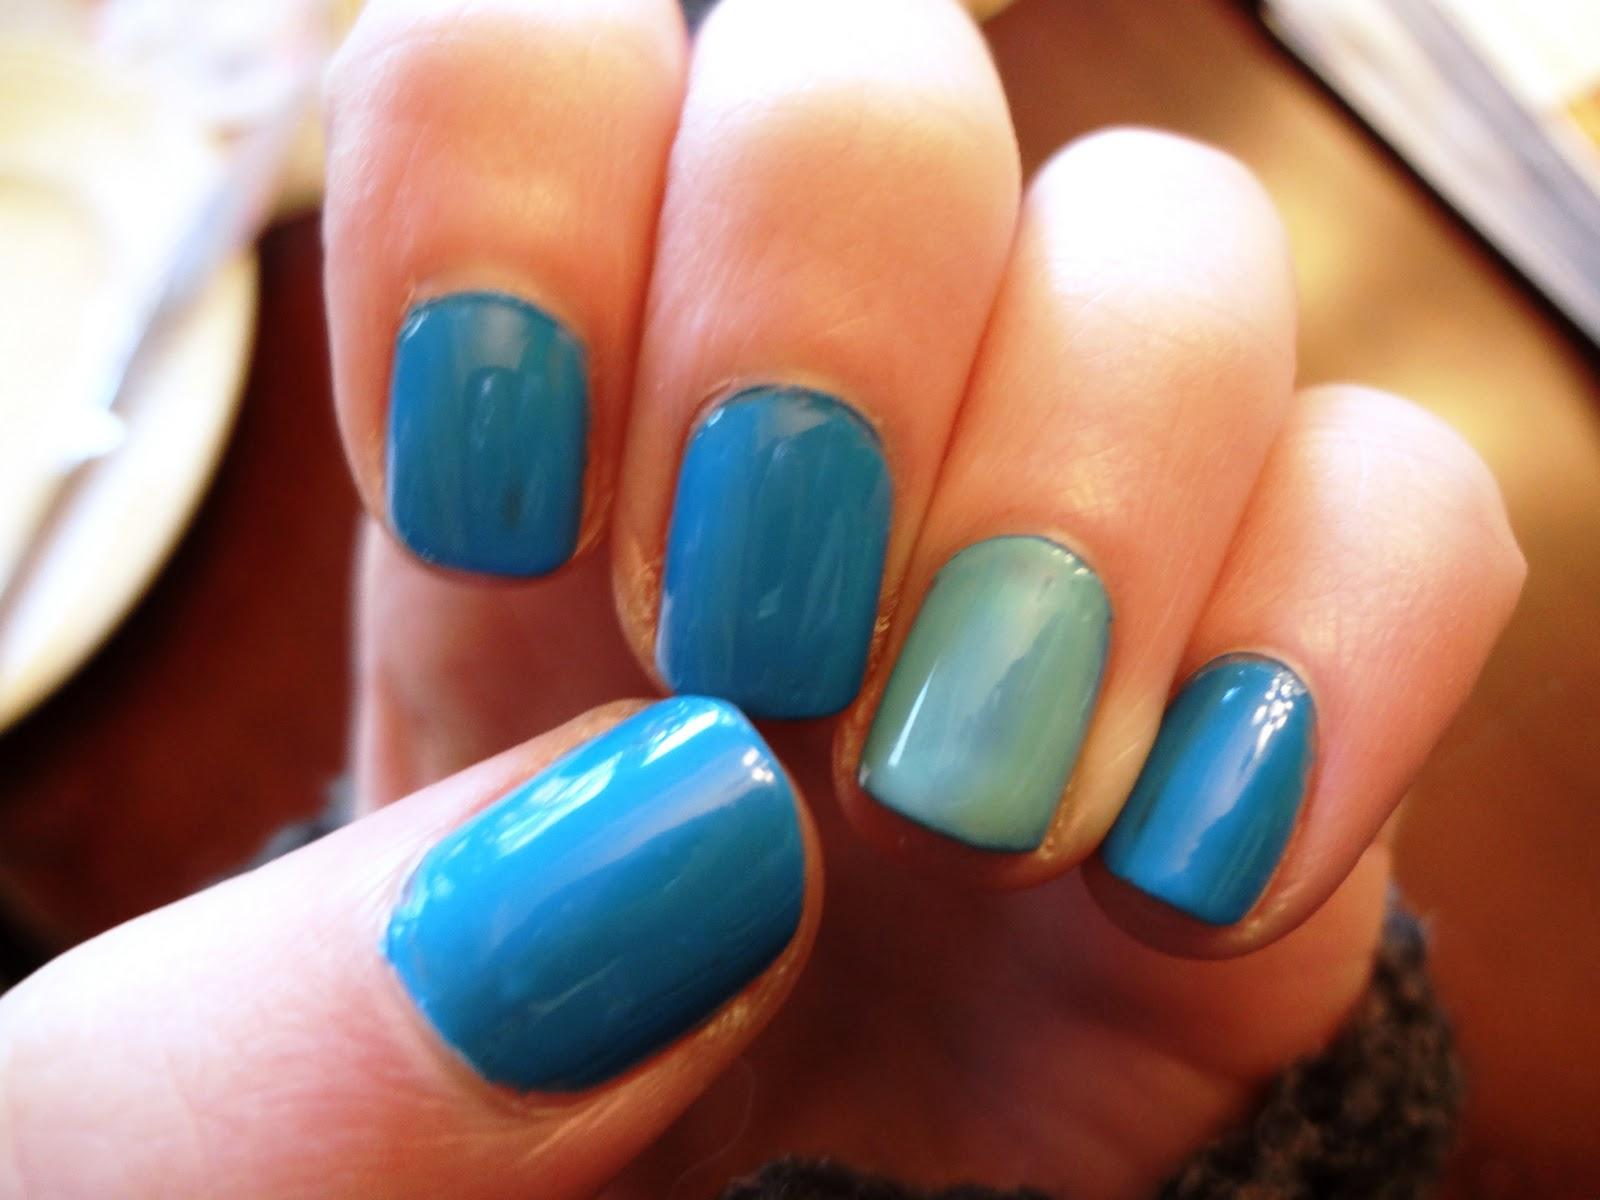 Ring Finger Nail Polish Trend  Nailpro